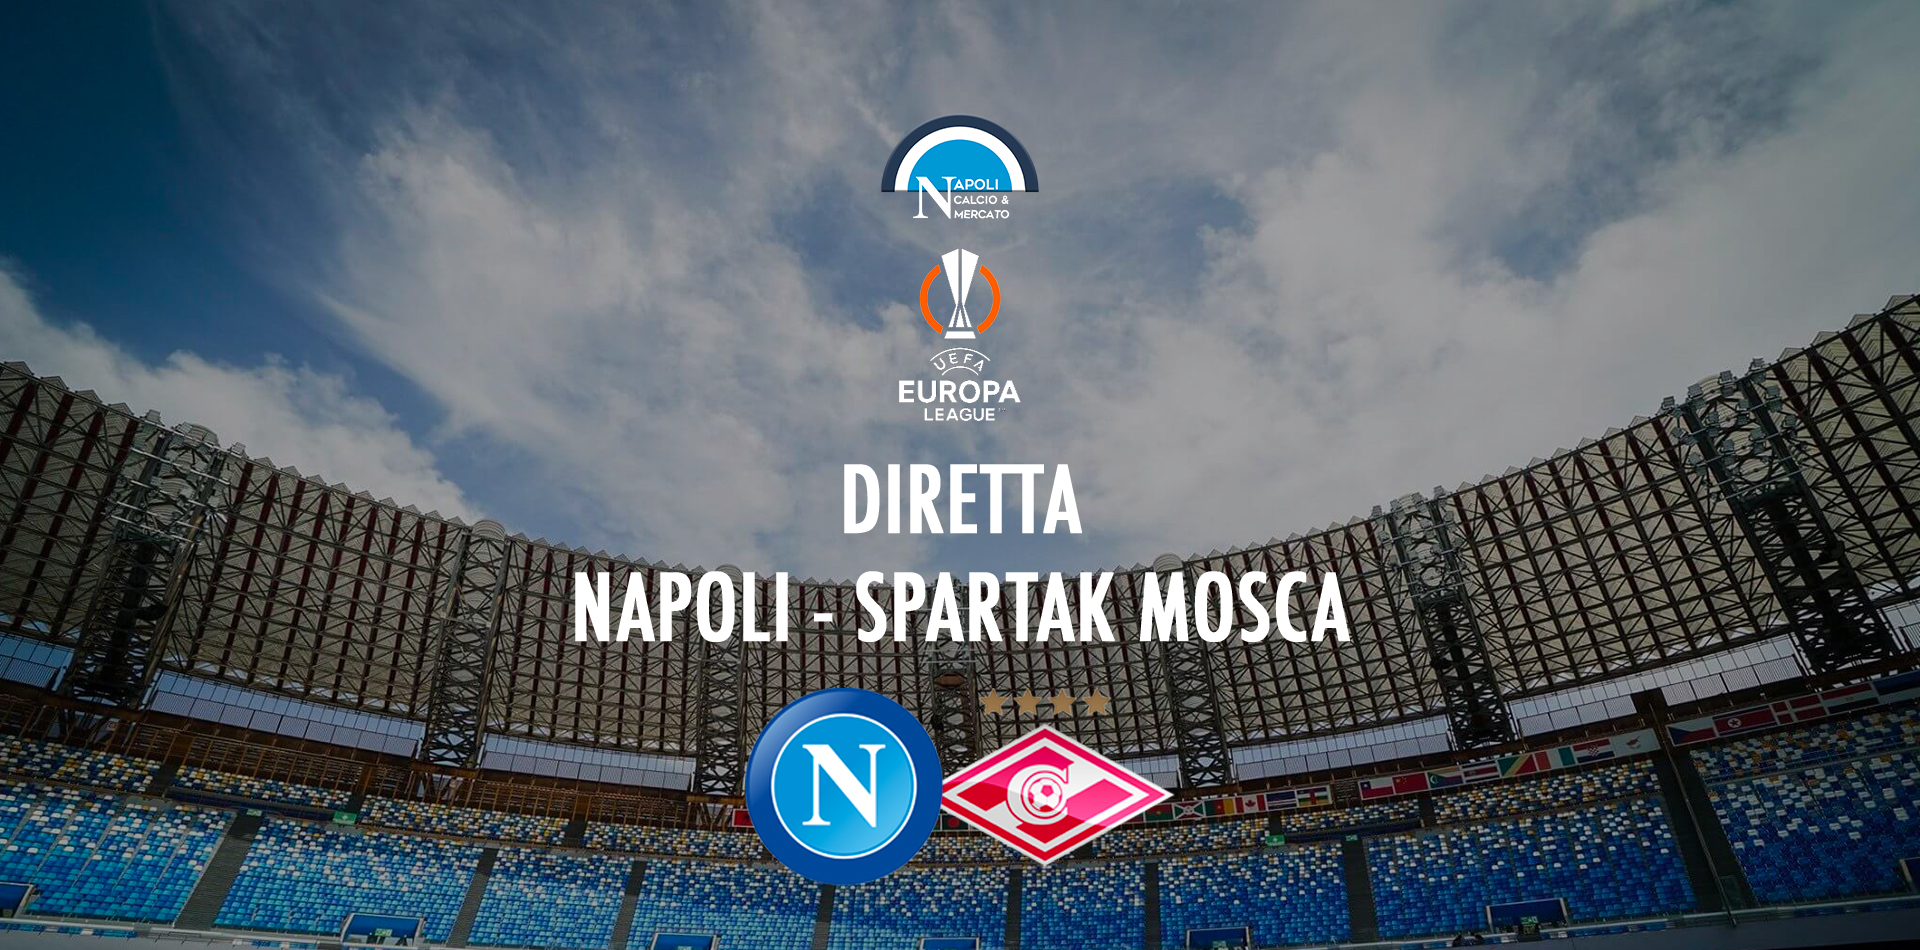 diretta napoli spartak mosca live diretta testuale dove vedere in tv partita napoli oggi europa league